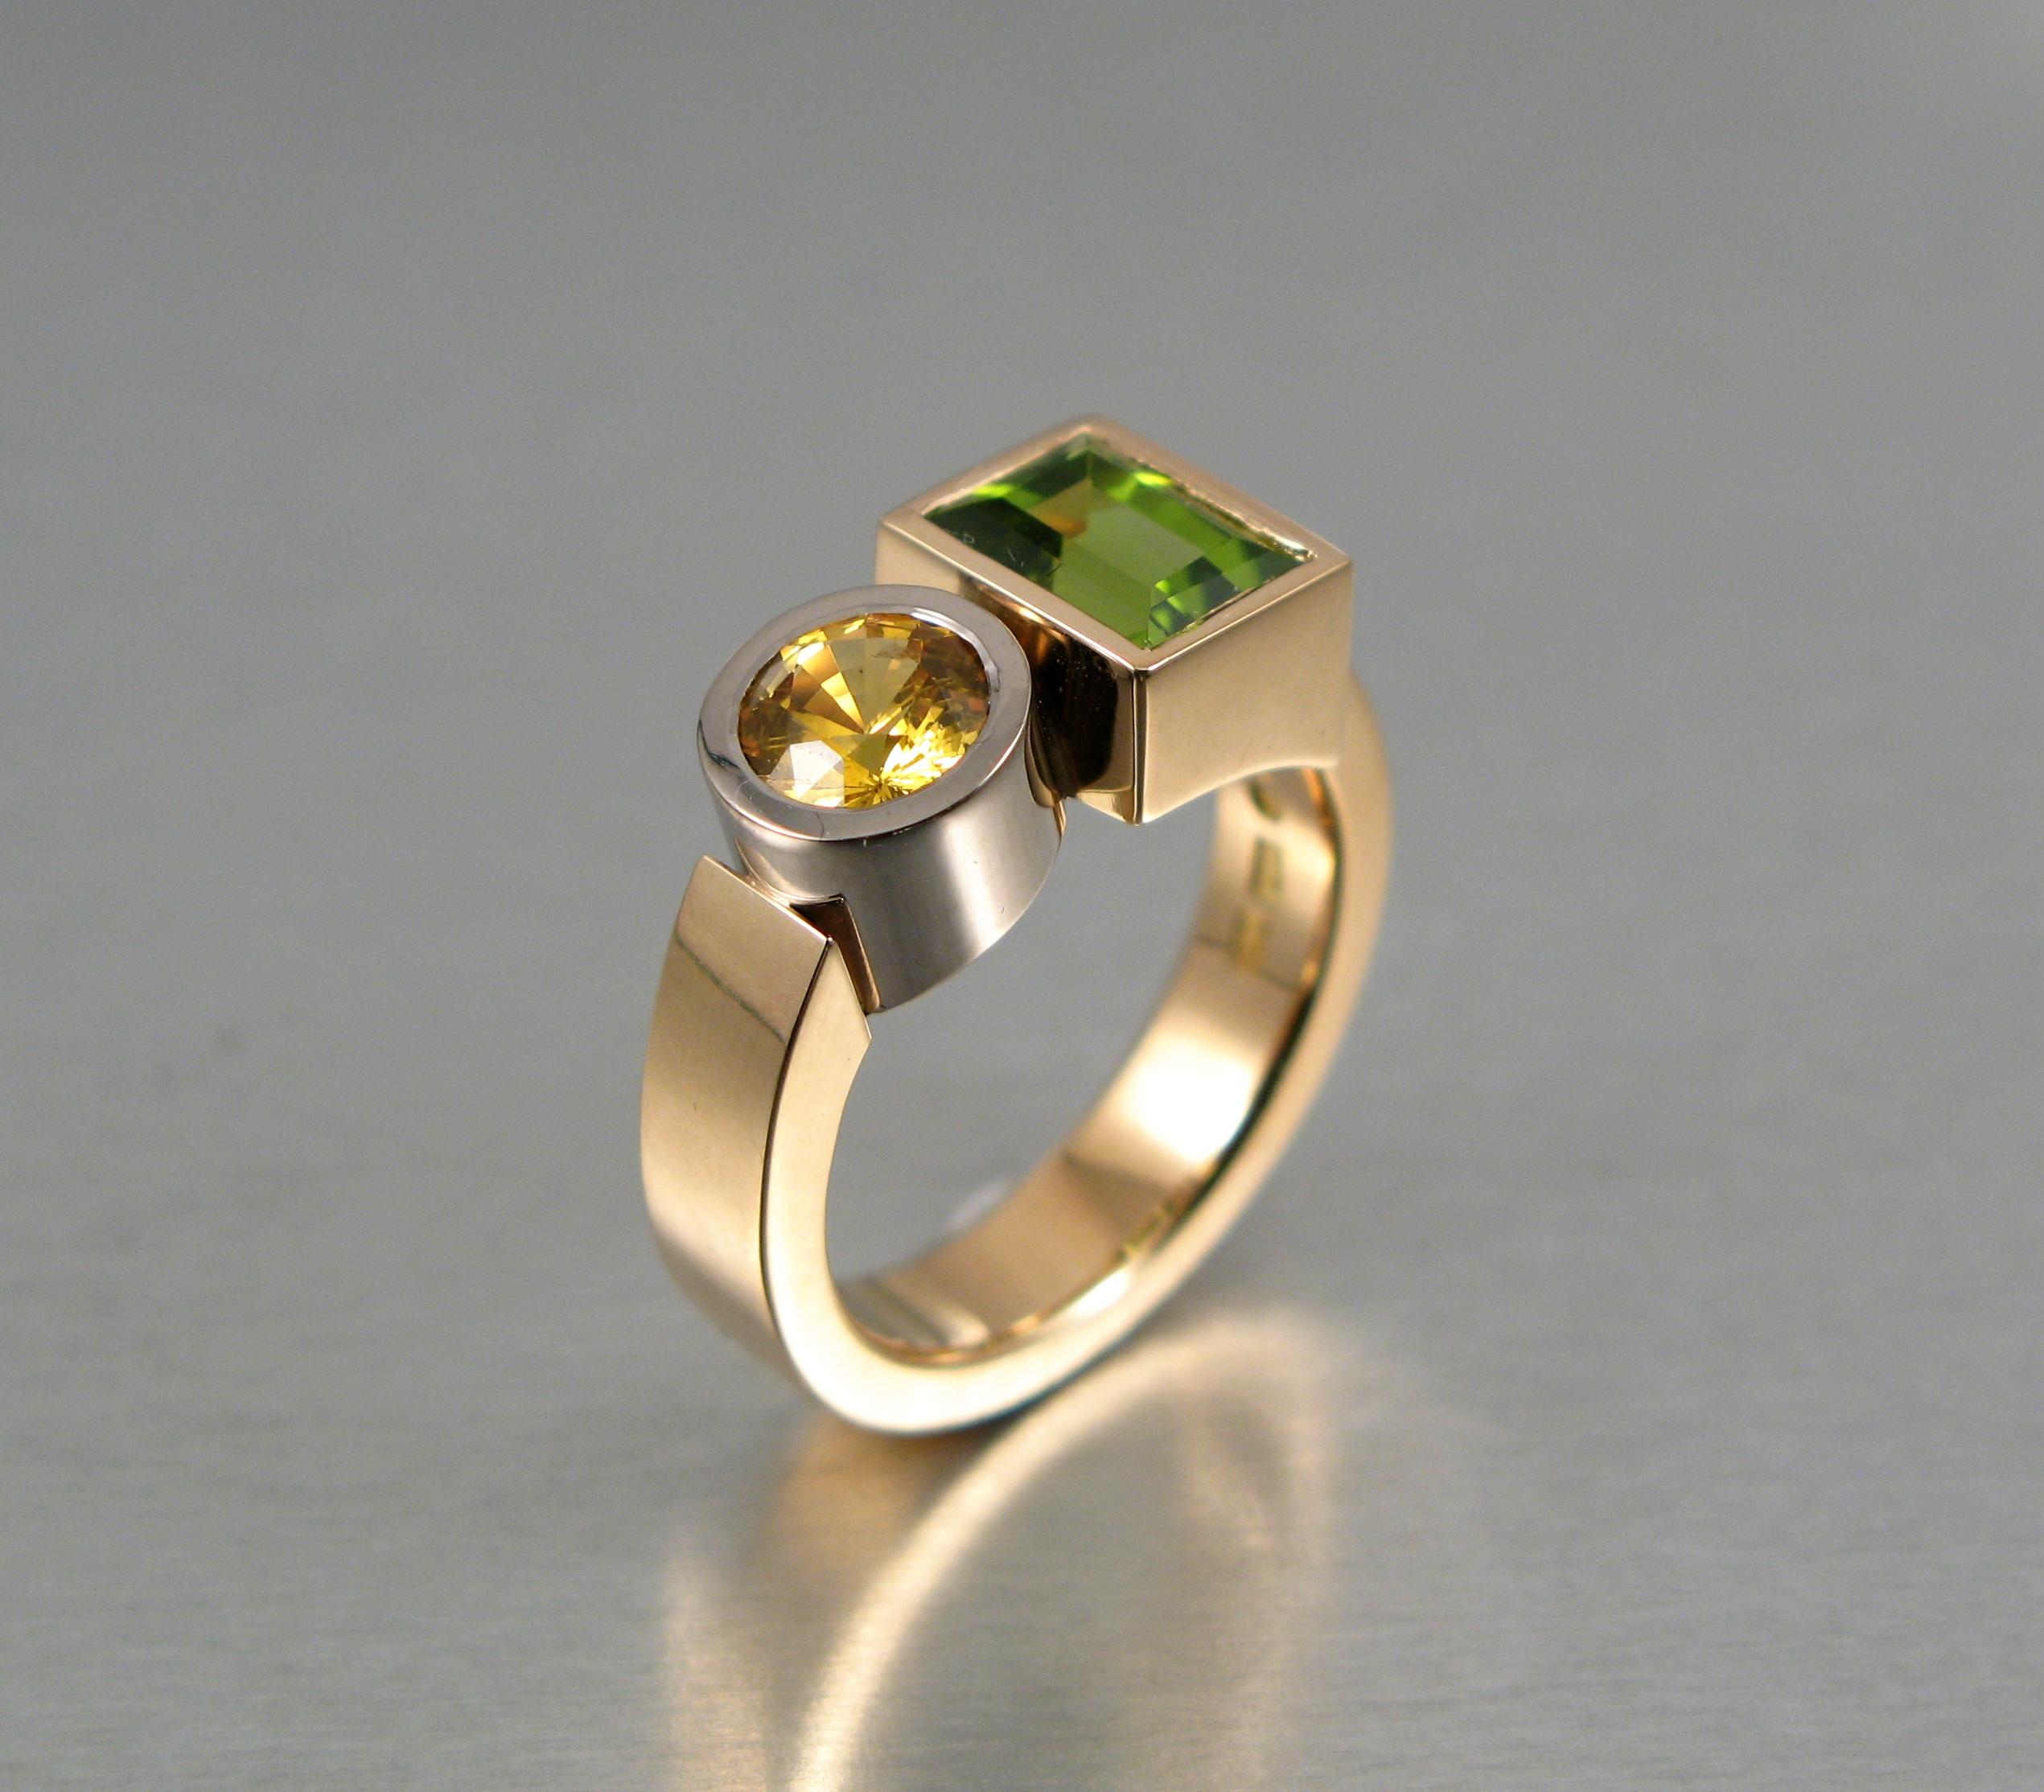 """Ring, """"Lådring"""", rött och vitt guld, peridot och gul safir."""